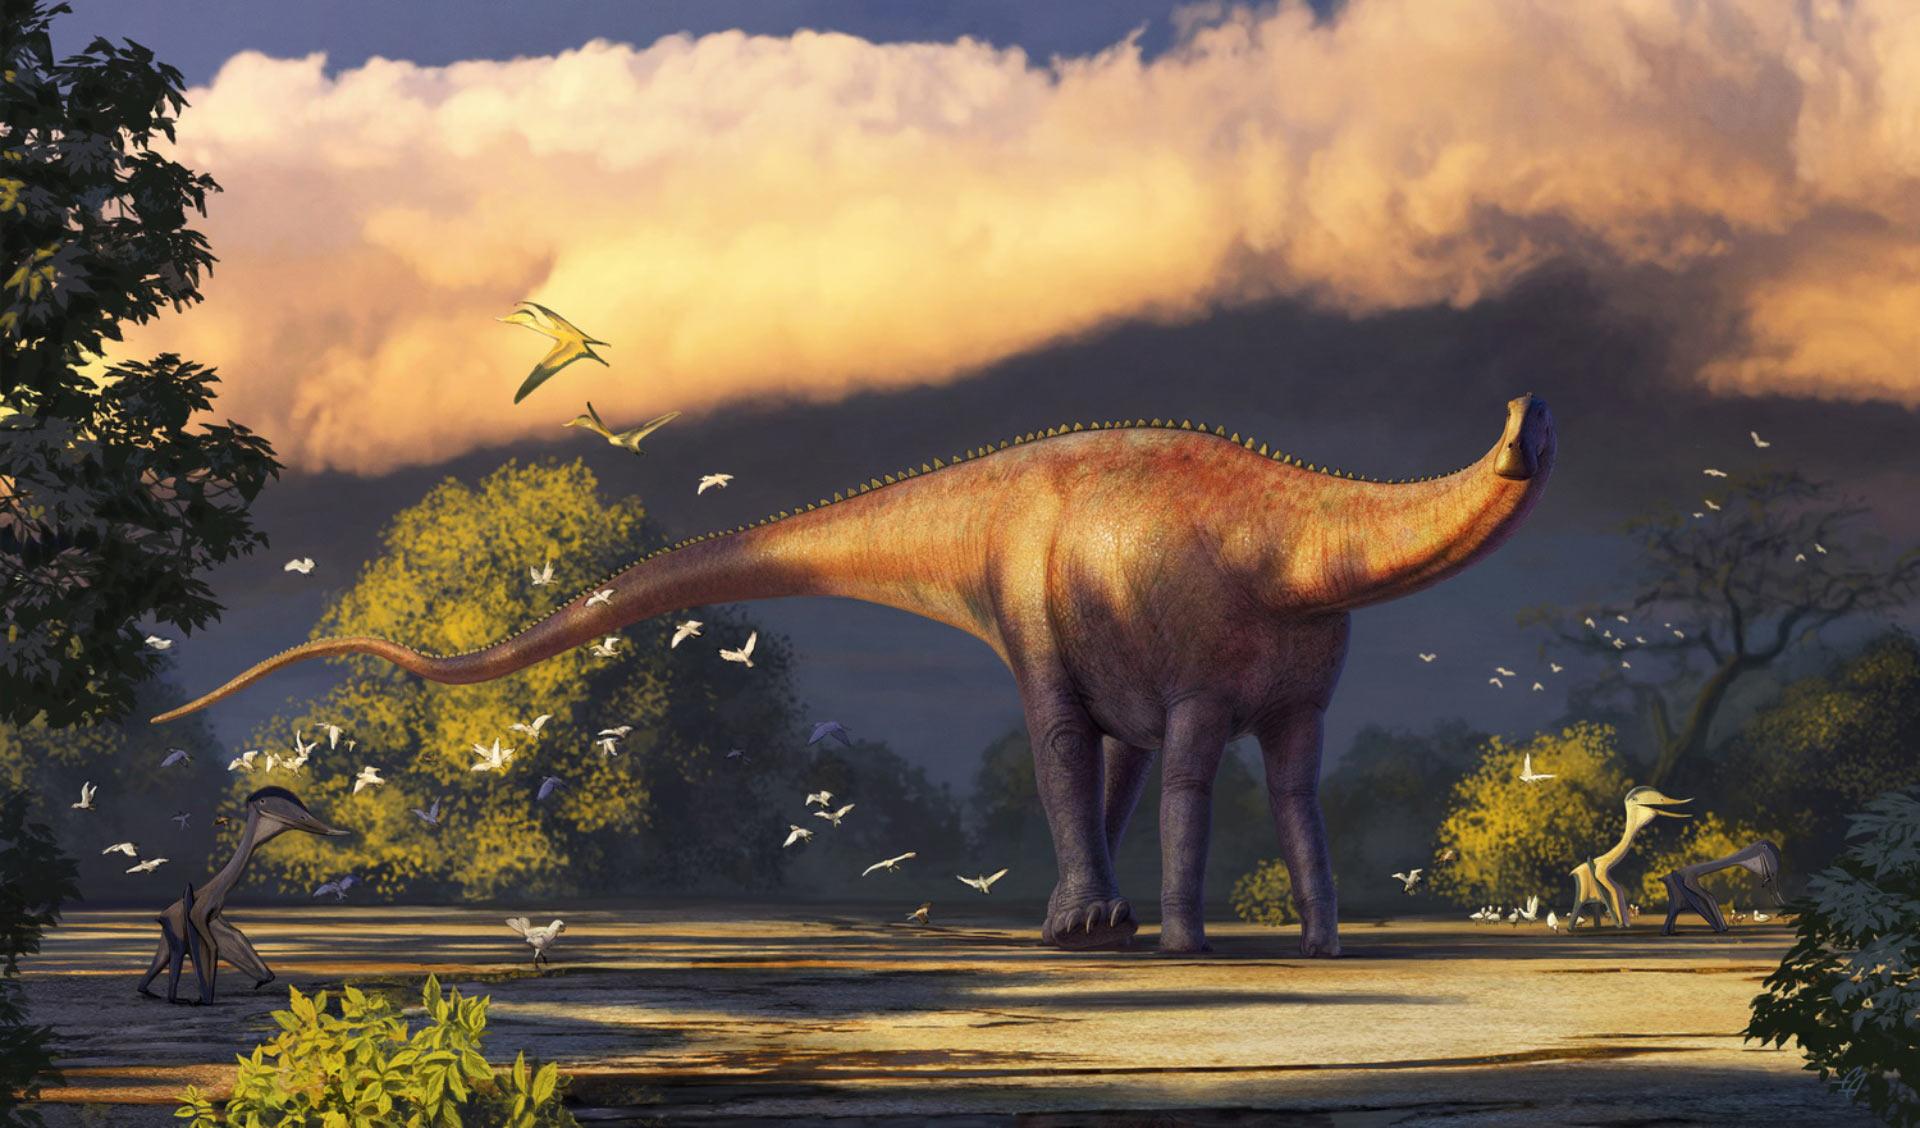 В Узбекистане обнаружили останки огромного динозавра-зауропода